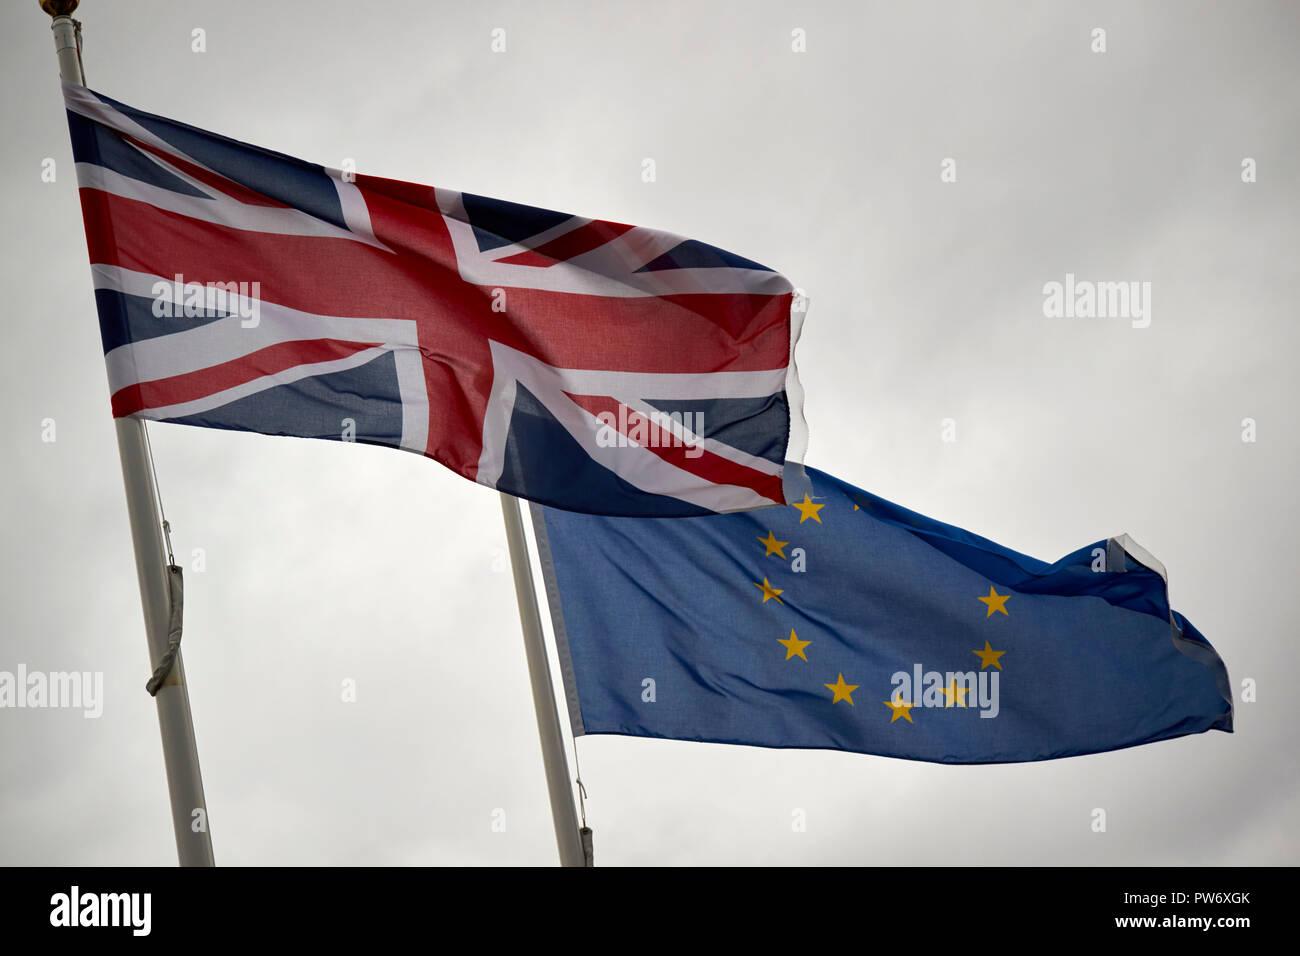 british uk union flag and eu flag flying in dark stormy sky england uk - Stock Image